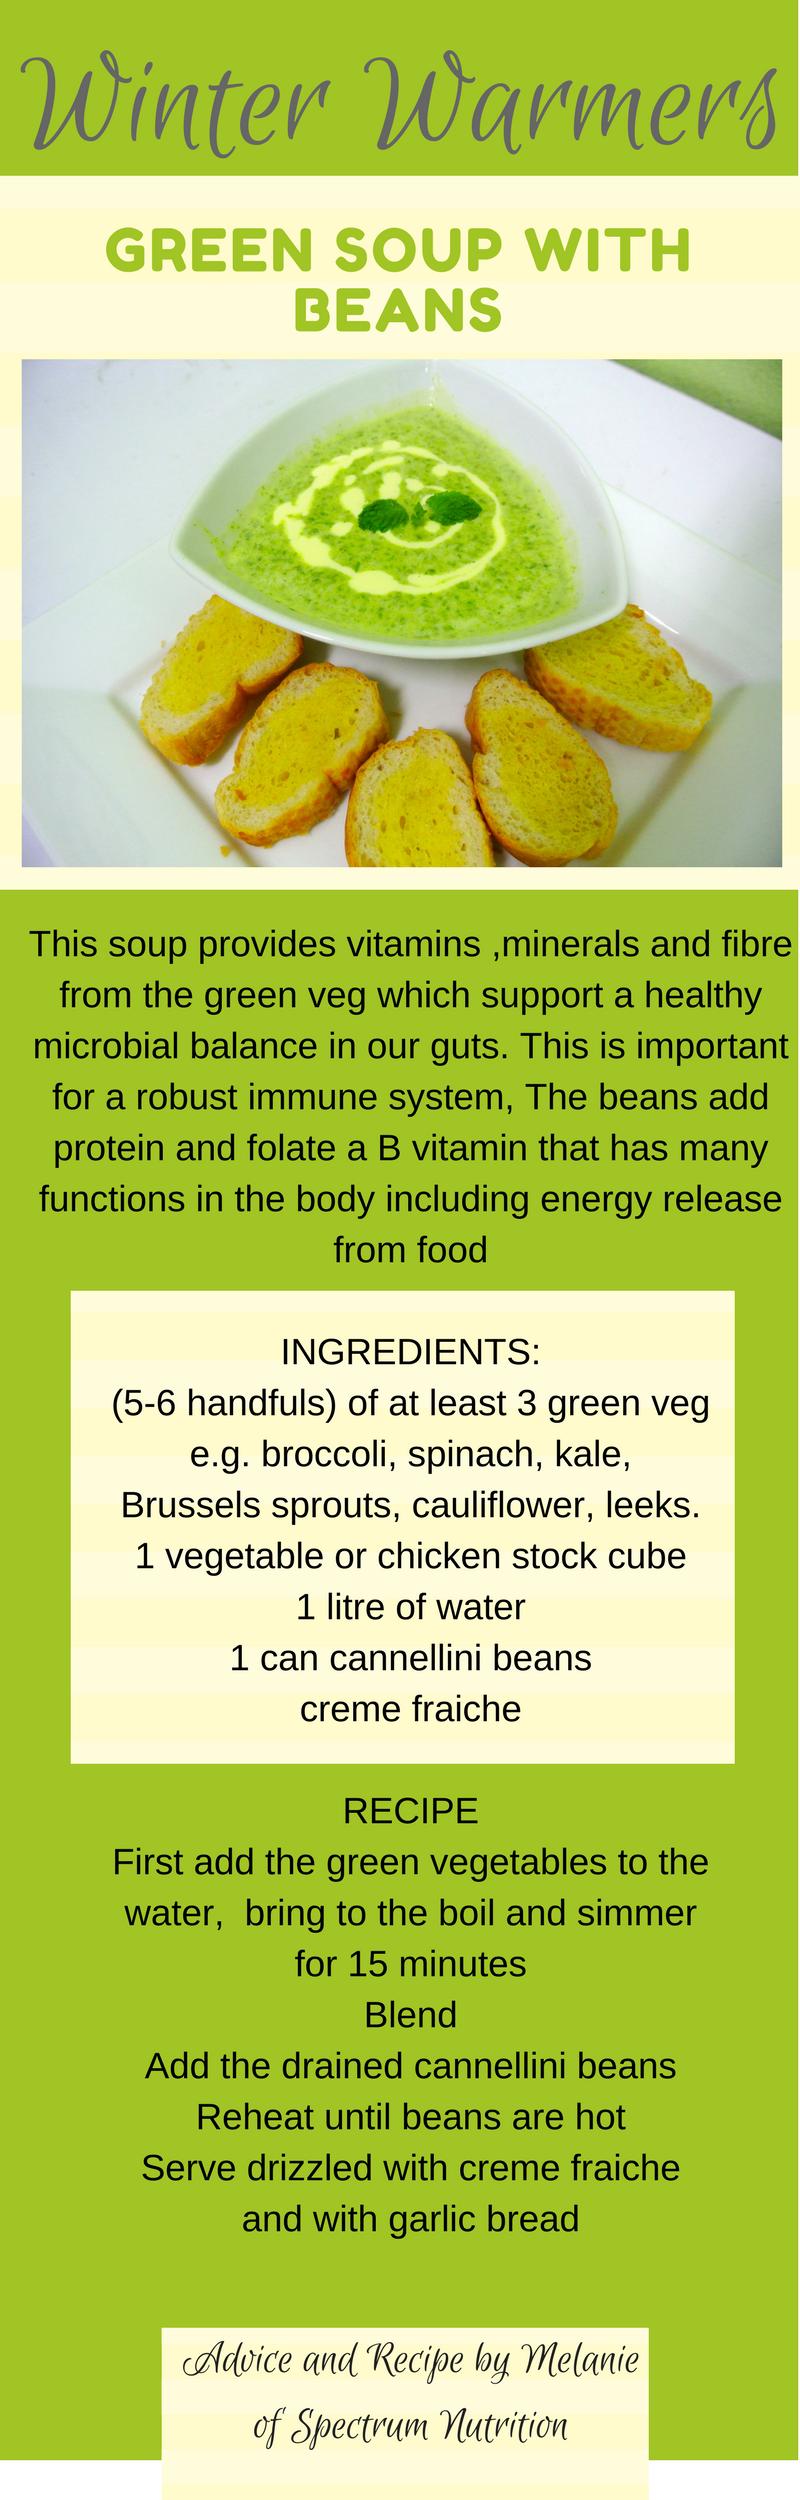 winter warmer soup recipe from spectrum nutrtion